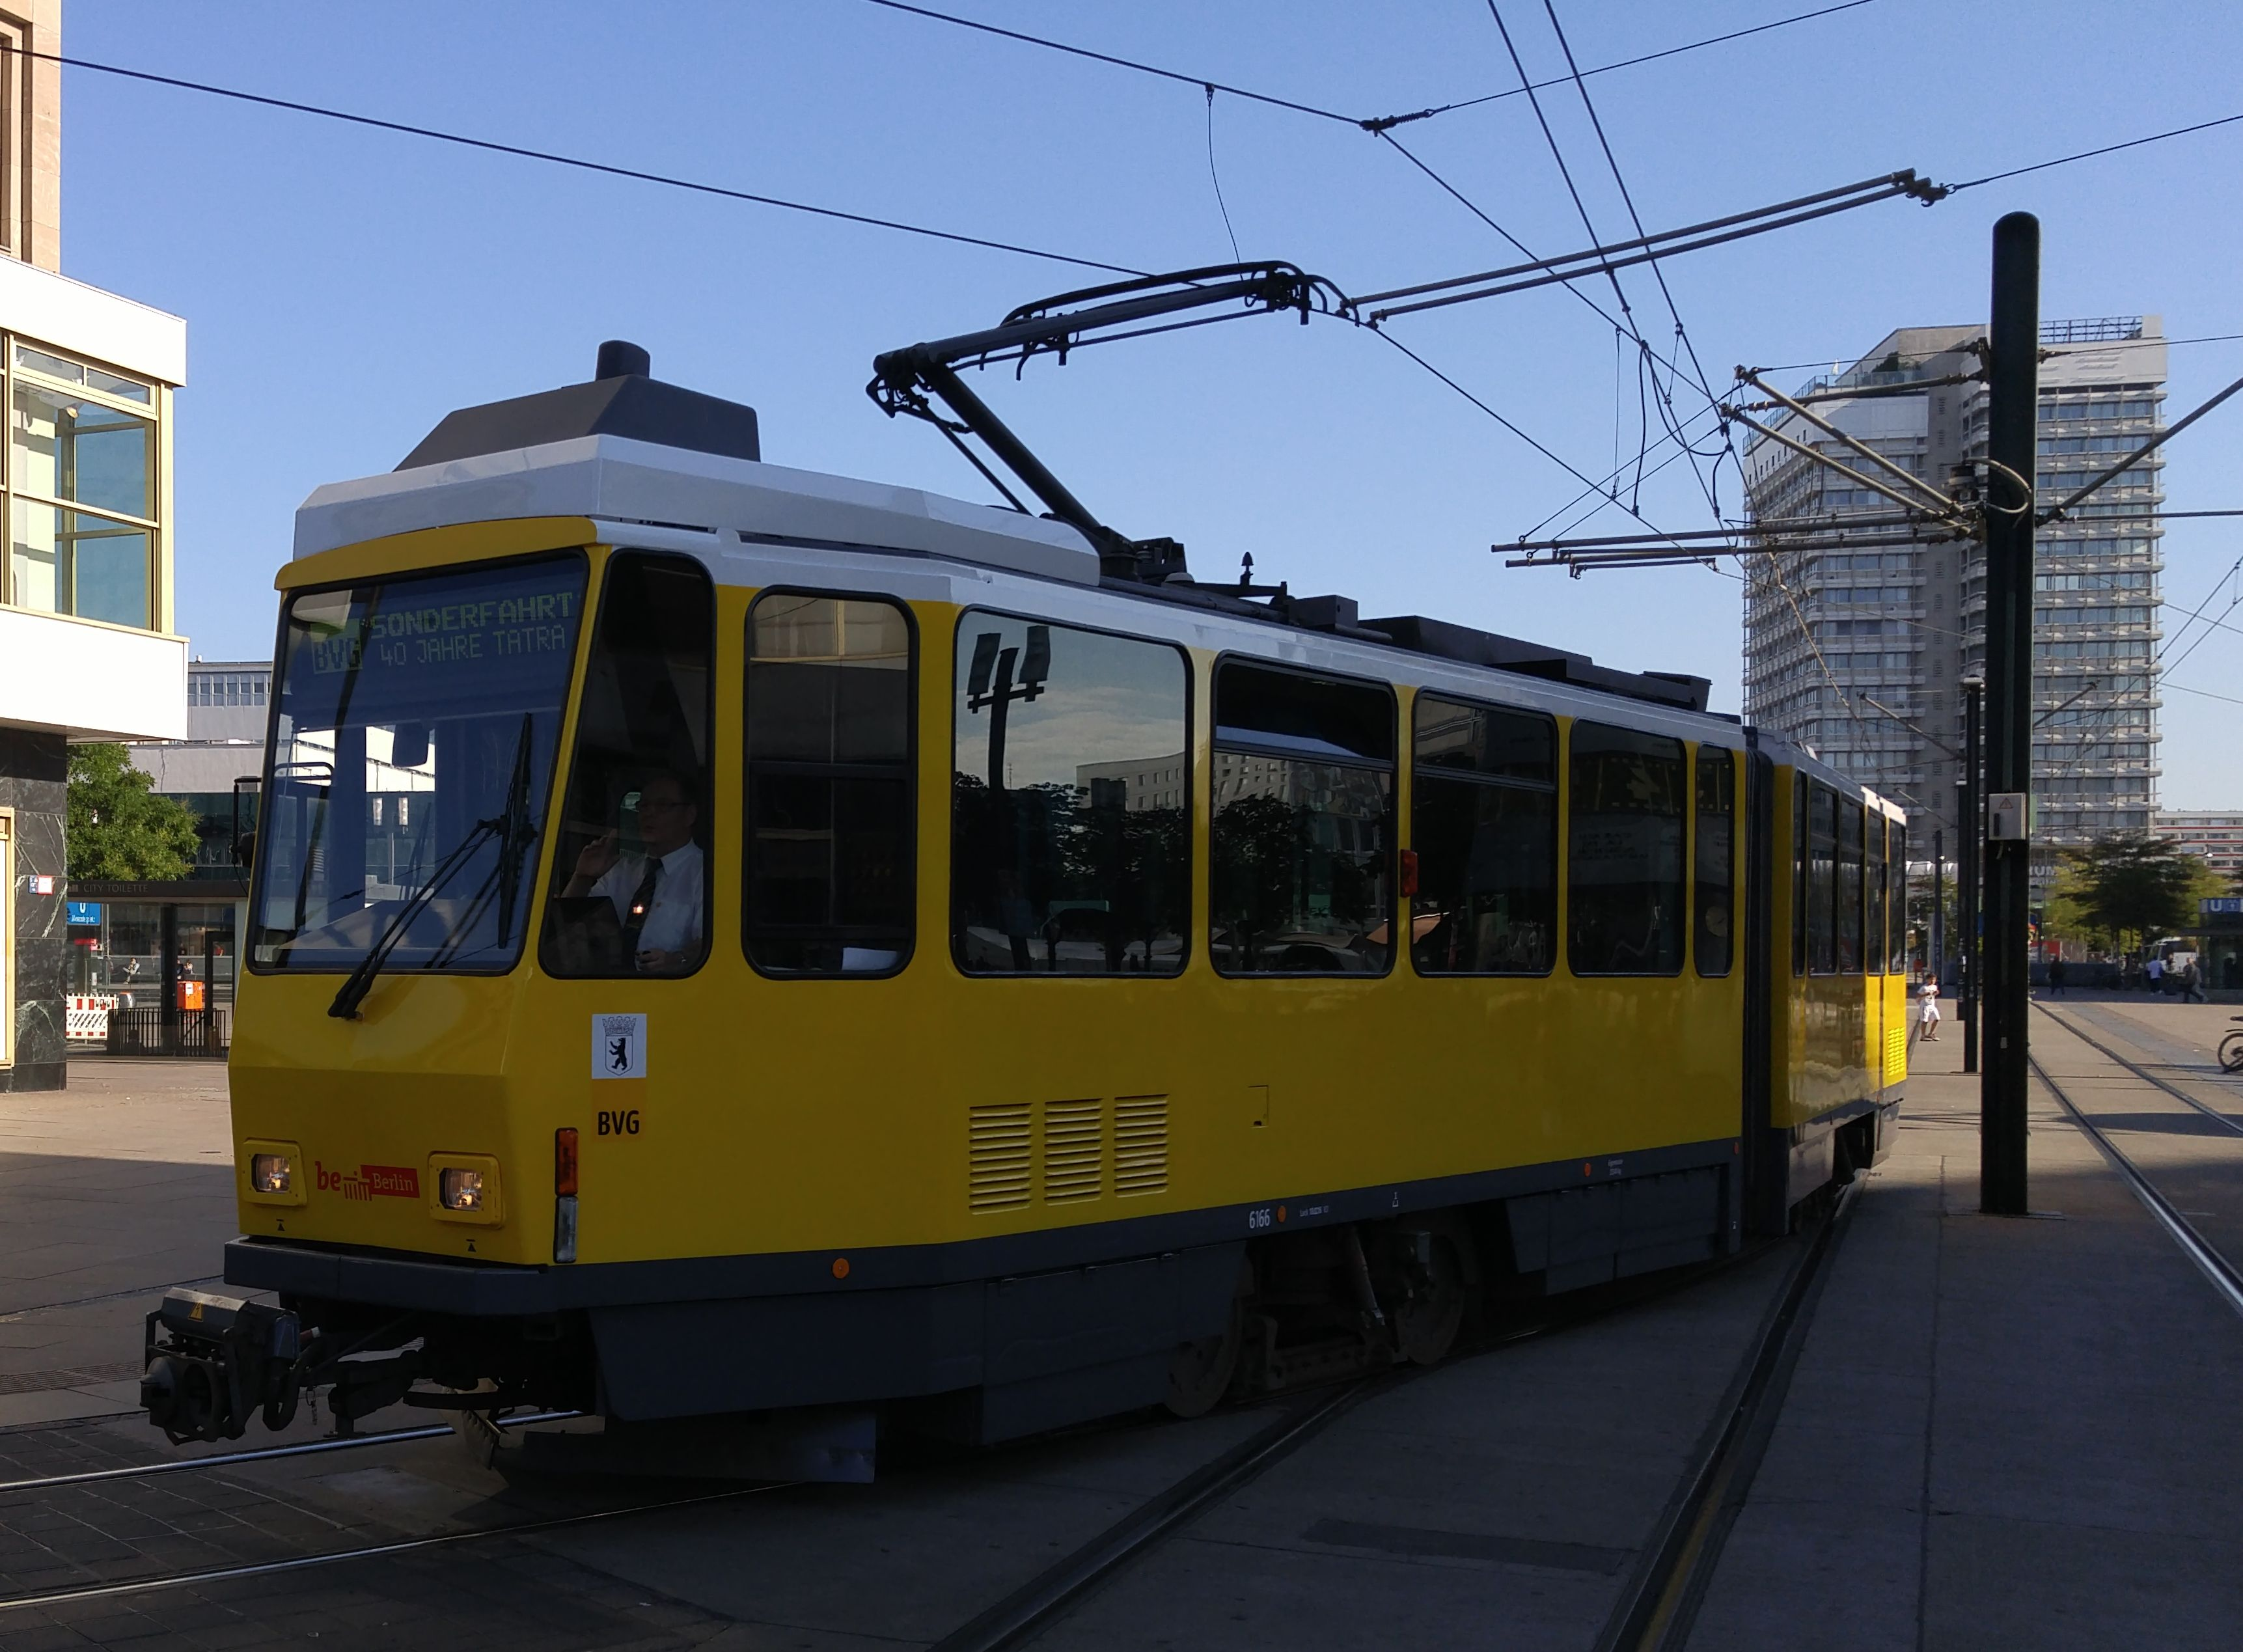 """Foto: Straßenbahn 6166, Typ Tatra KT4D, """"40 Jahre Tatra in Berlin"""", Alexanderplatz, 2016"""